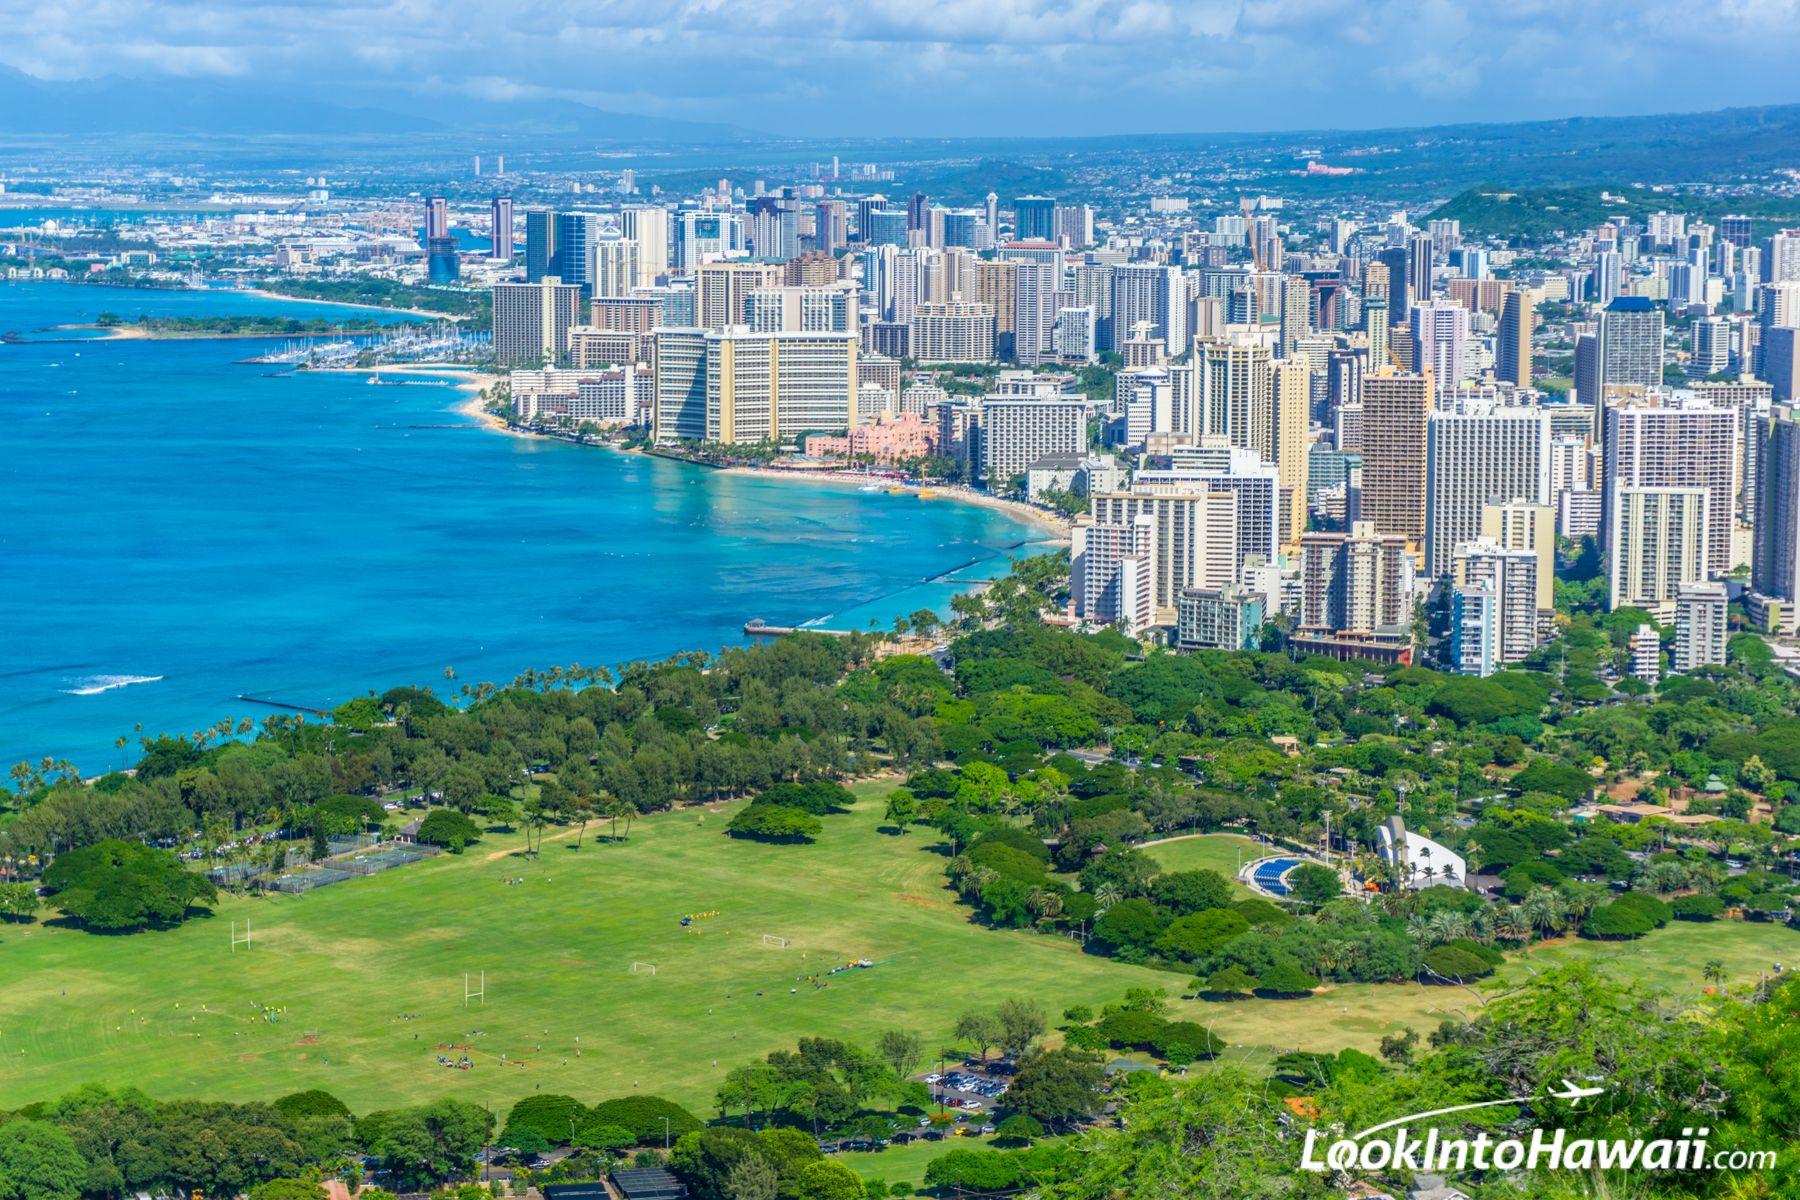 View from Diamond Head - Oahu, Hawaii, LookIntoHawaii.com